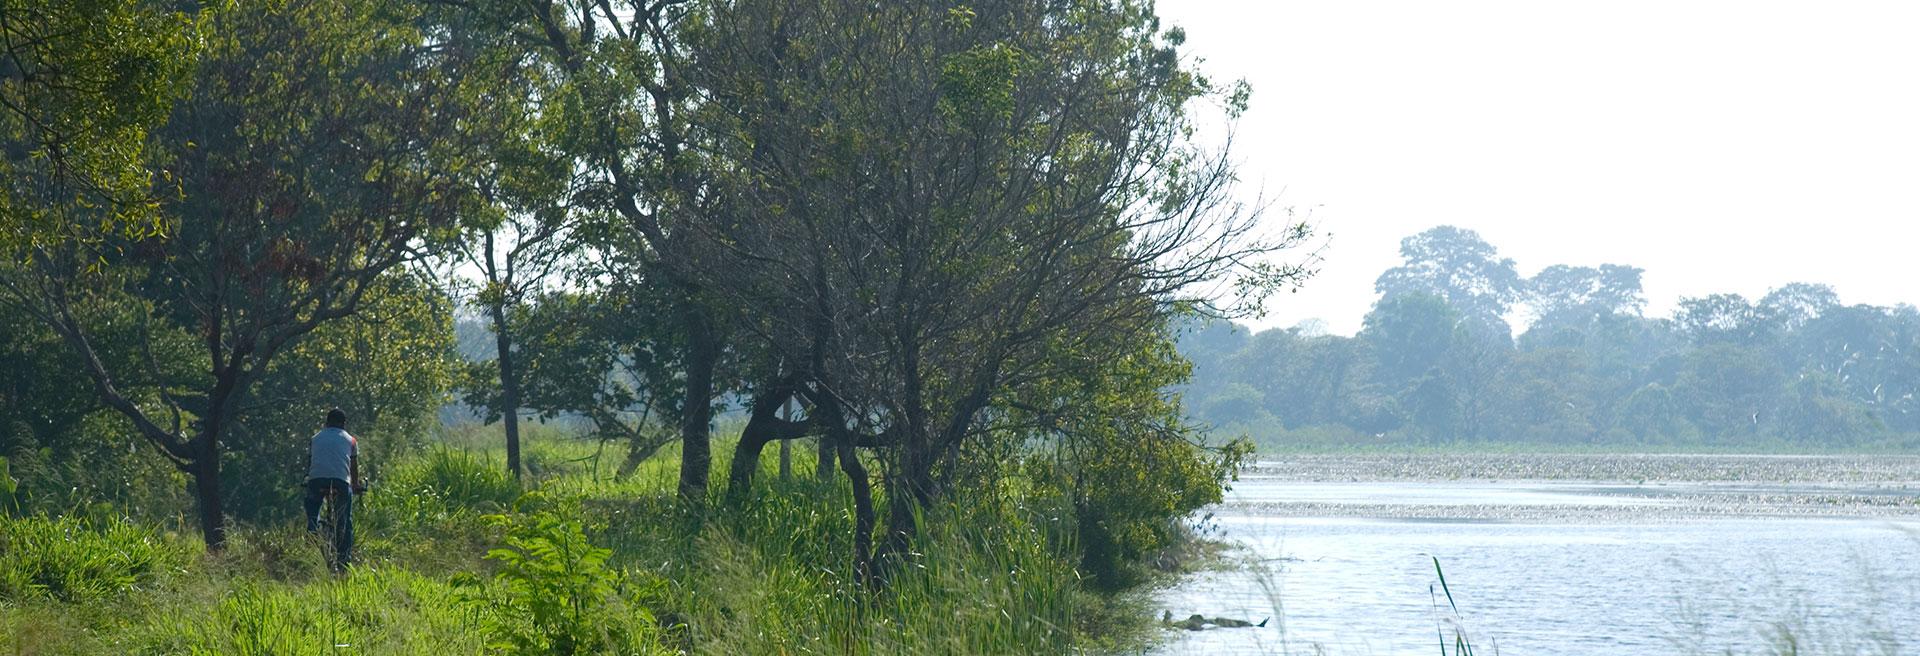 Vil Uyana trail